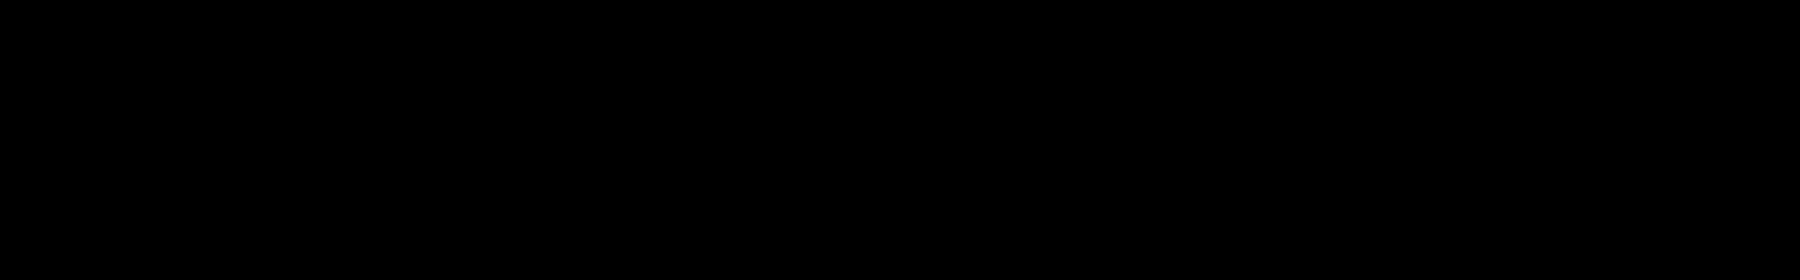 Ukulele Loops Vol 3 audio waveform